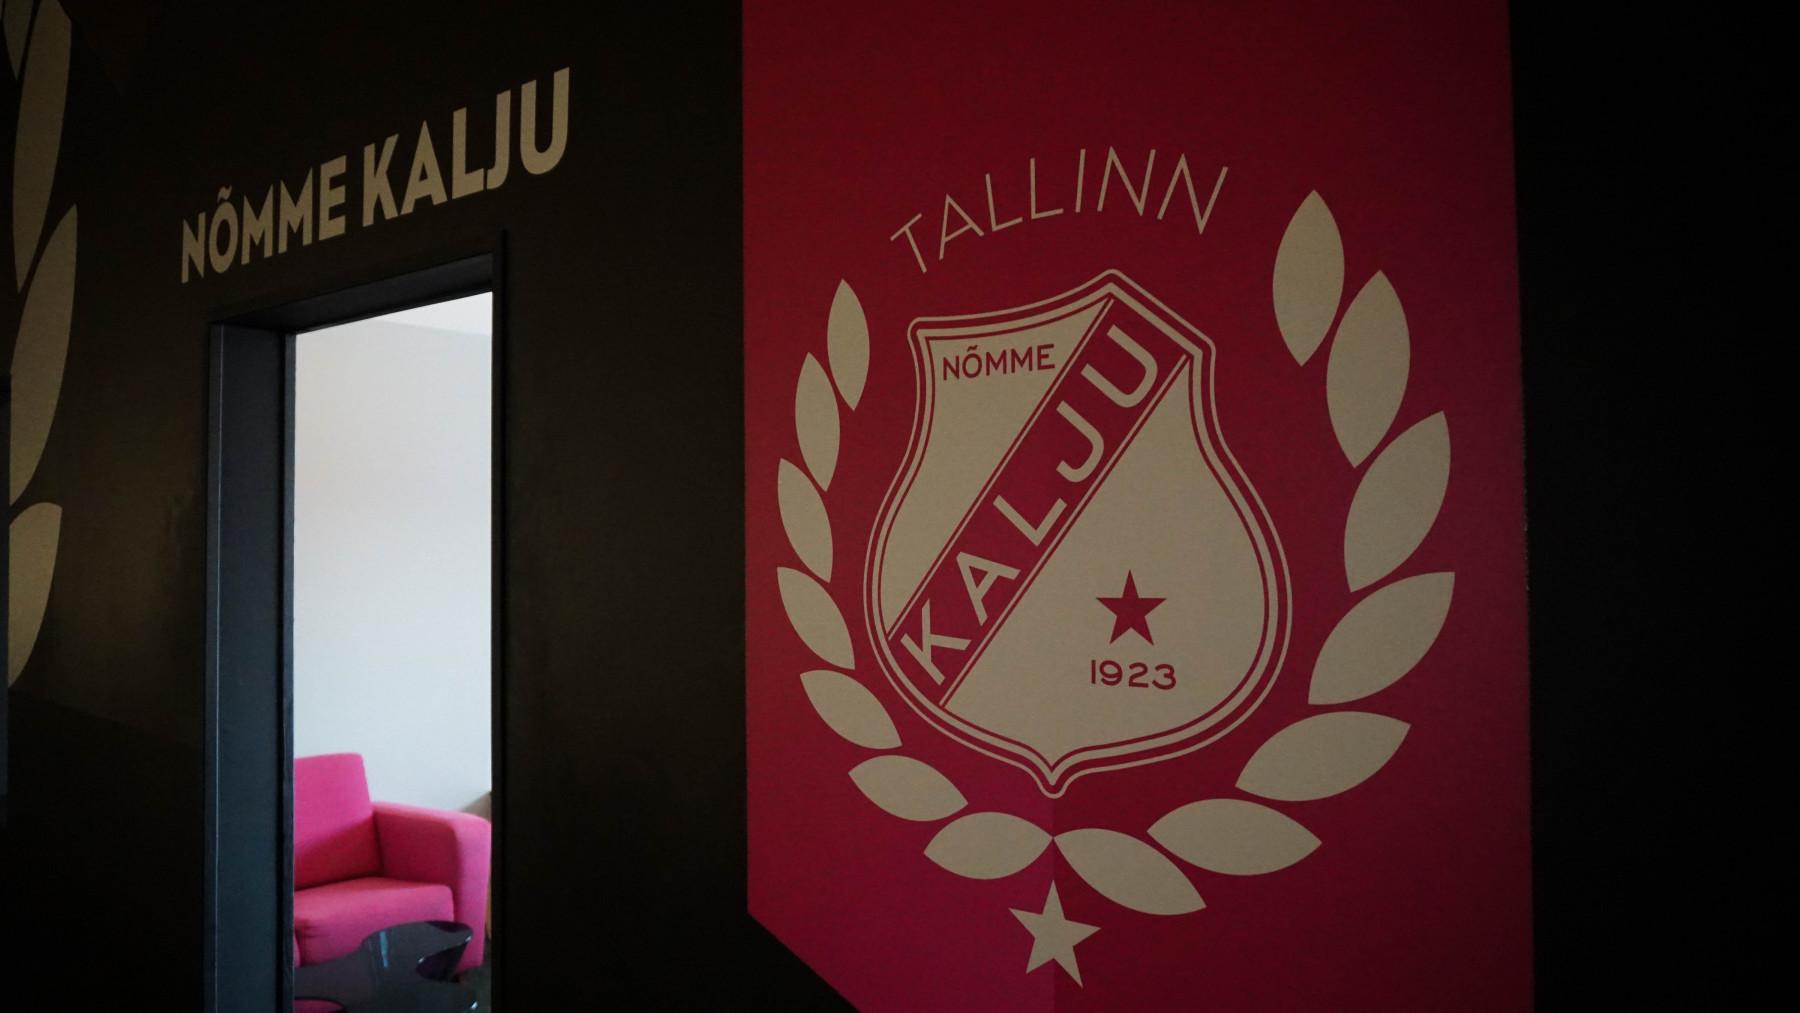 FC Nõmme Kalju / 20 käepaela / Asub teisel korrusel